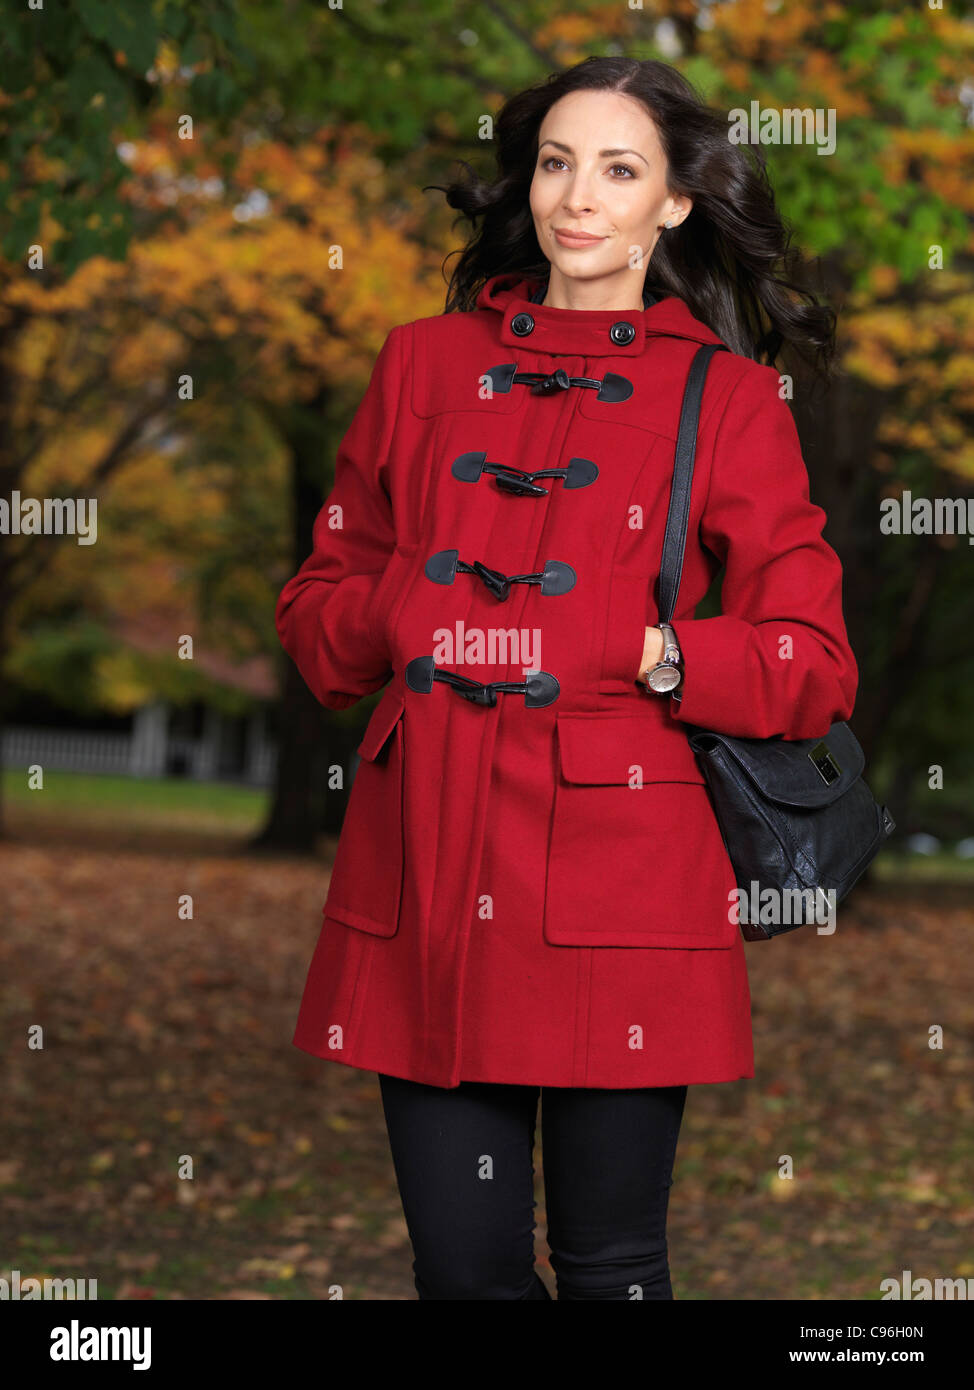 Schöne junge Frau auf der Straße im Herbst Natur trägt einen roten Mantel Stockfoto